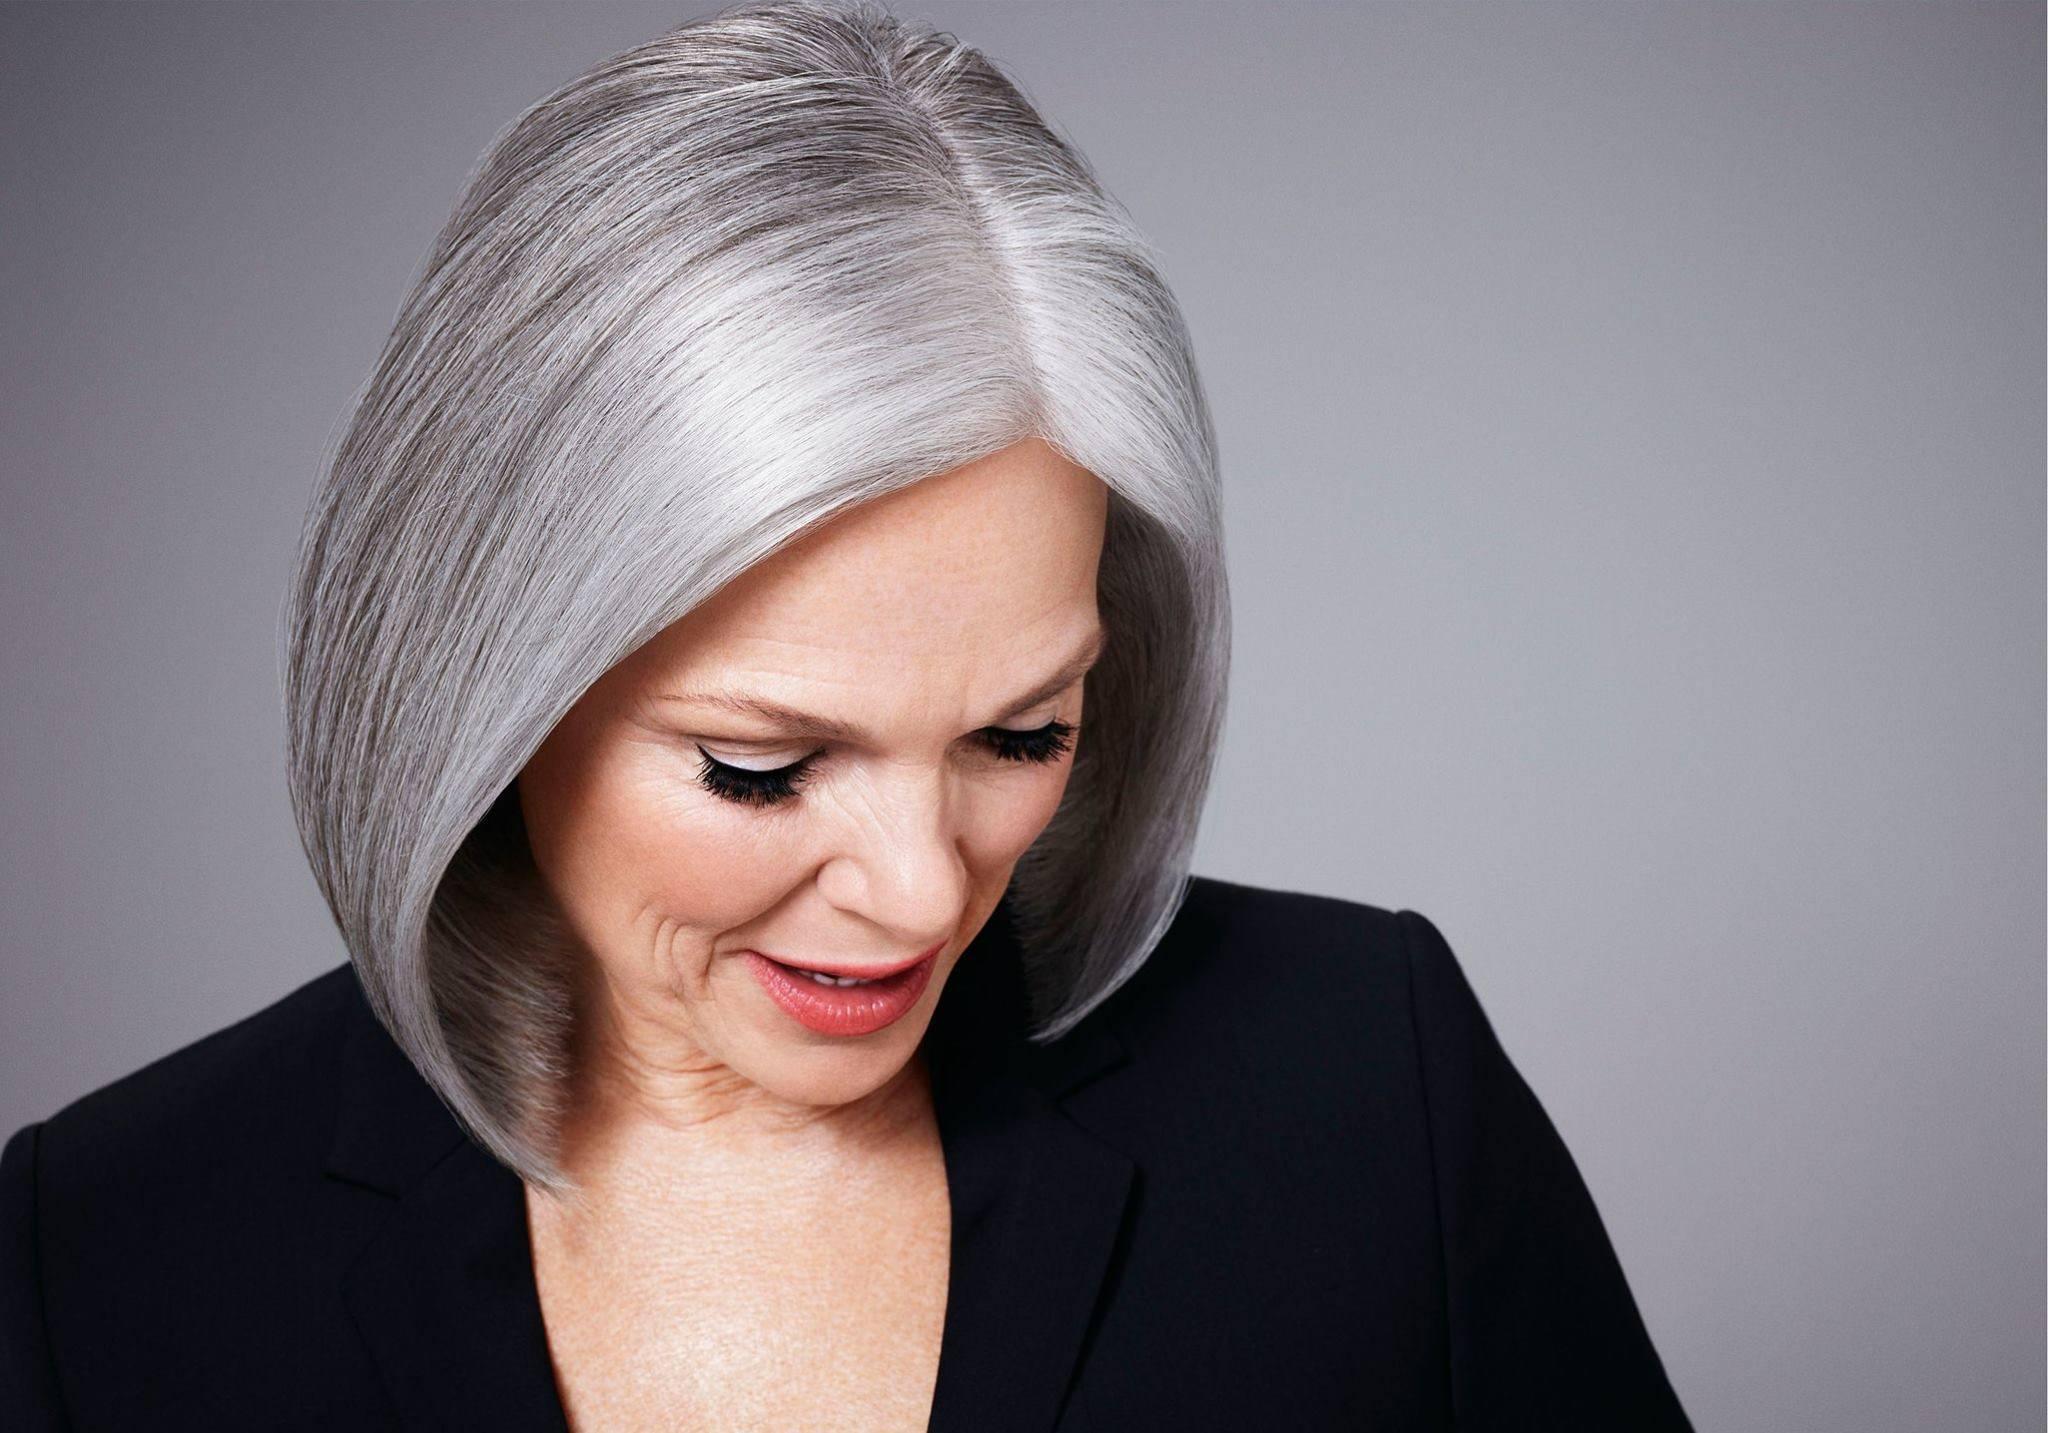 Всё о мелировании, колорировании и тонировании: фото волос после проведенных процедур